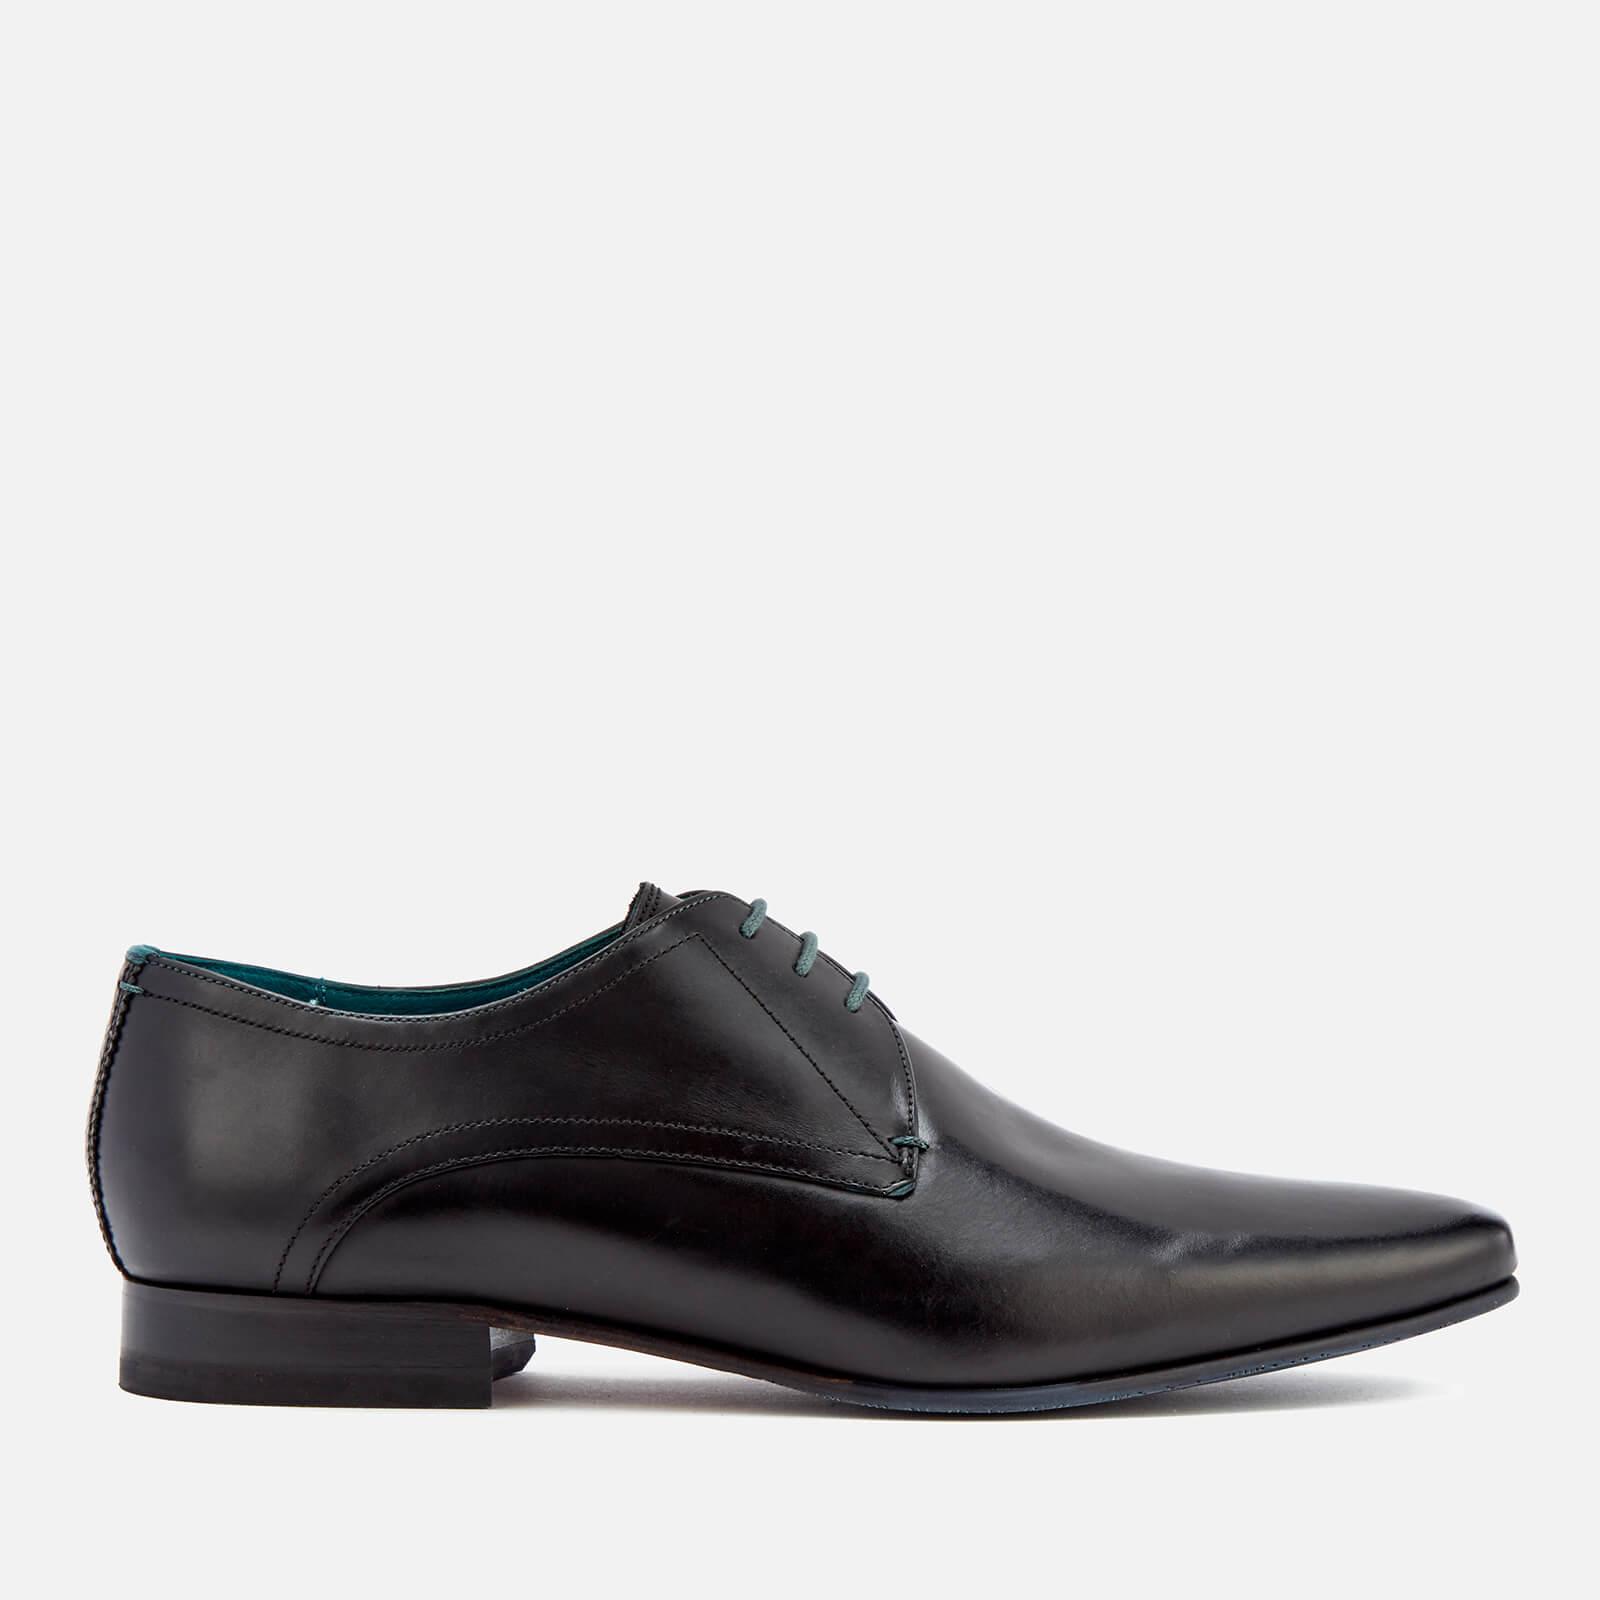 Ted Baker Men's Bhartli Leater Derby Shoes - Black - UK 10